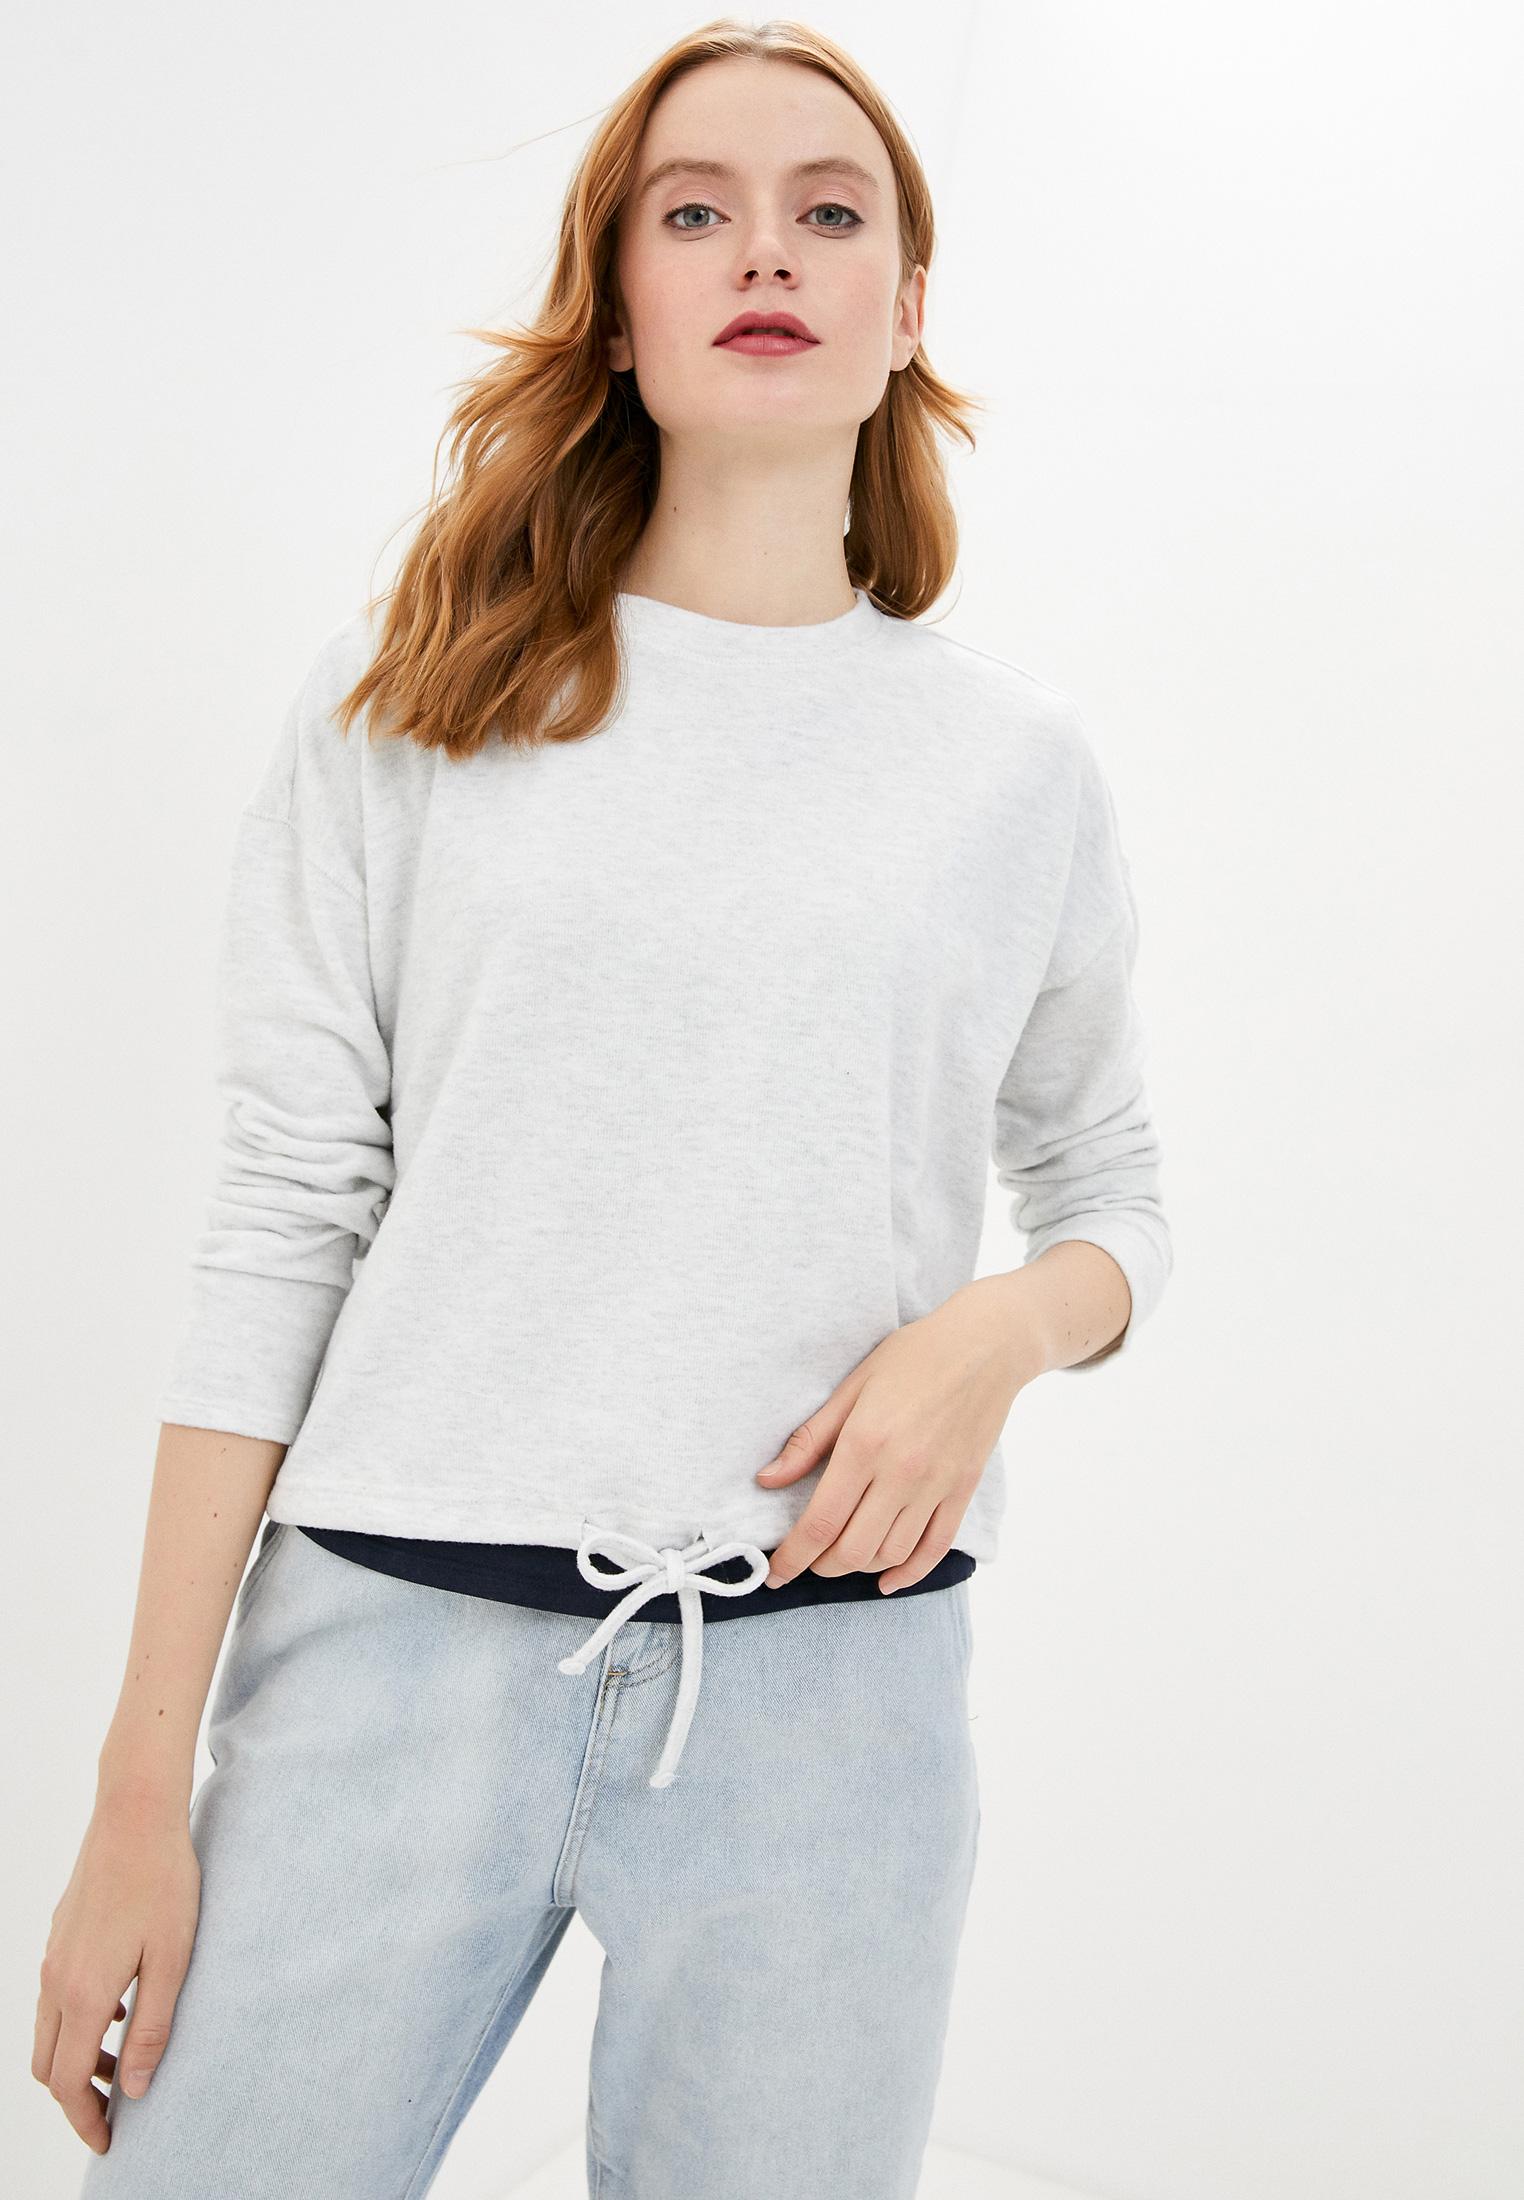 Женские свитшоты Cotton On 669995-01